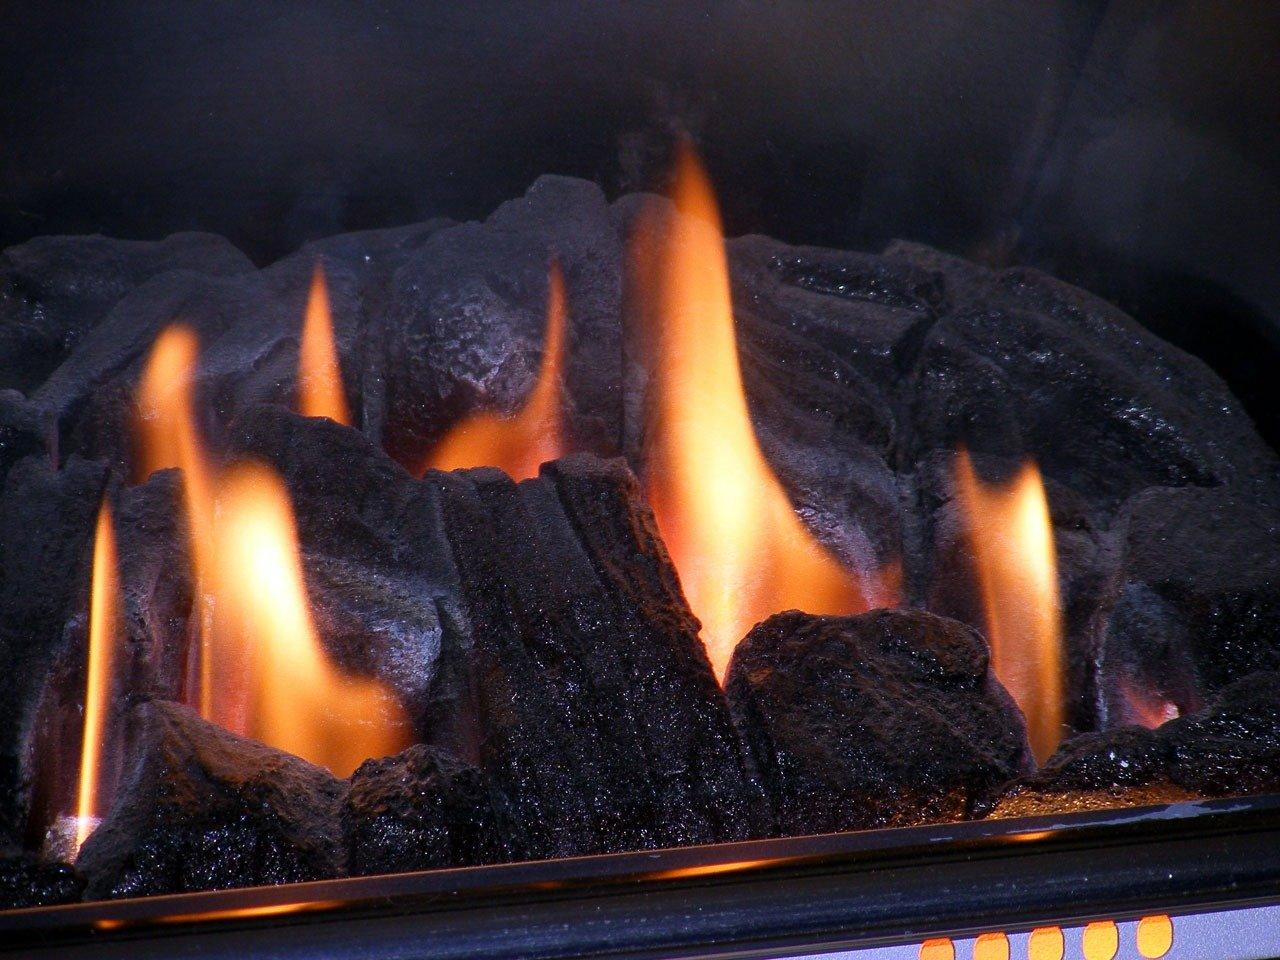 Pohled do ohně vás uklidní